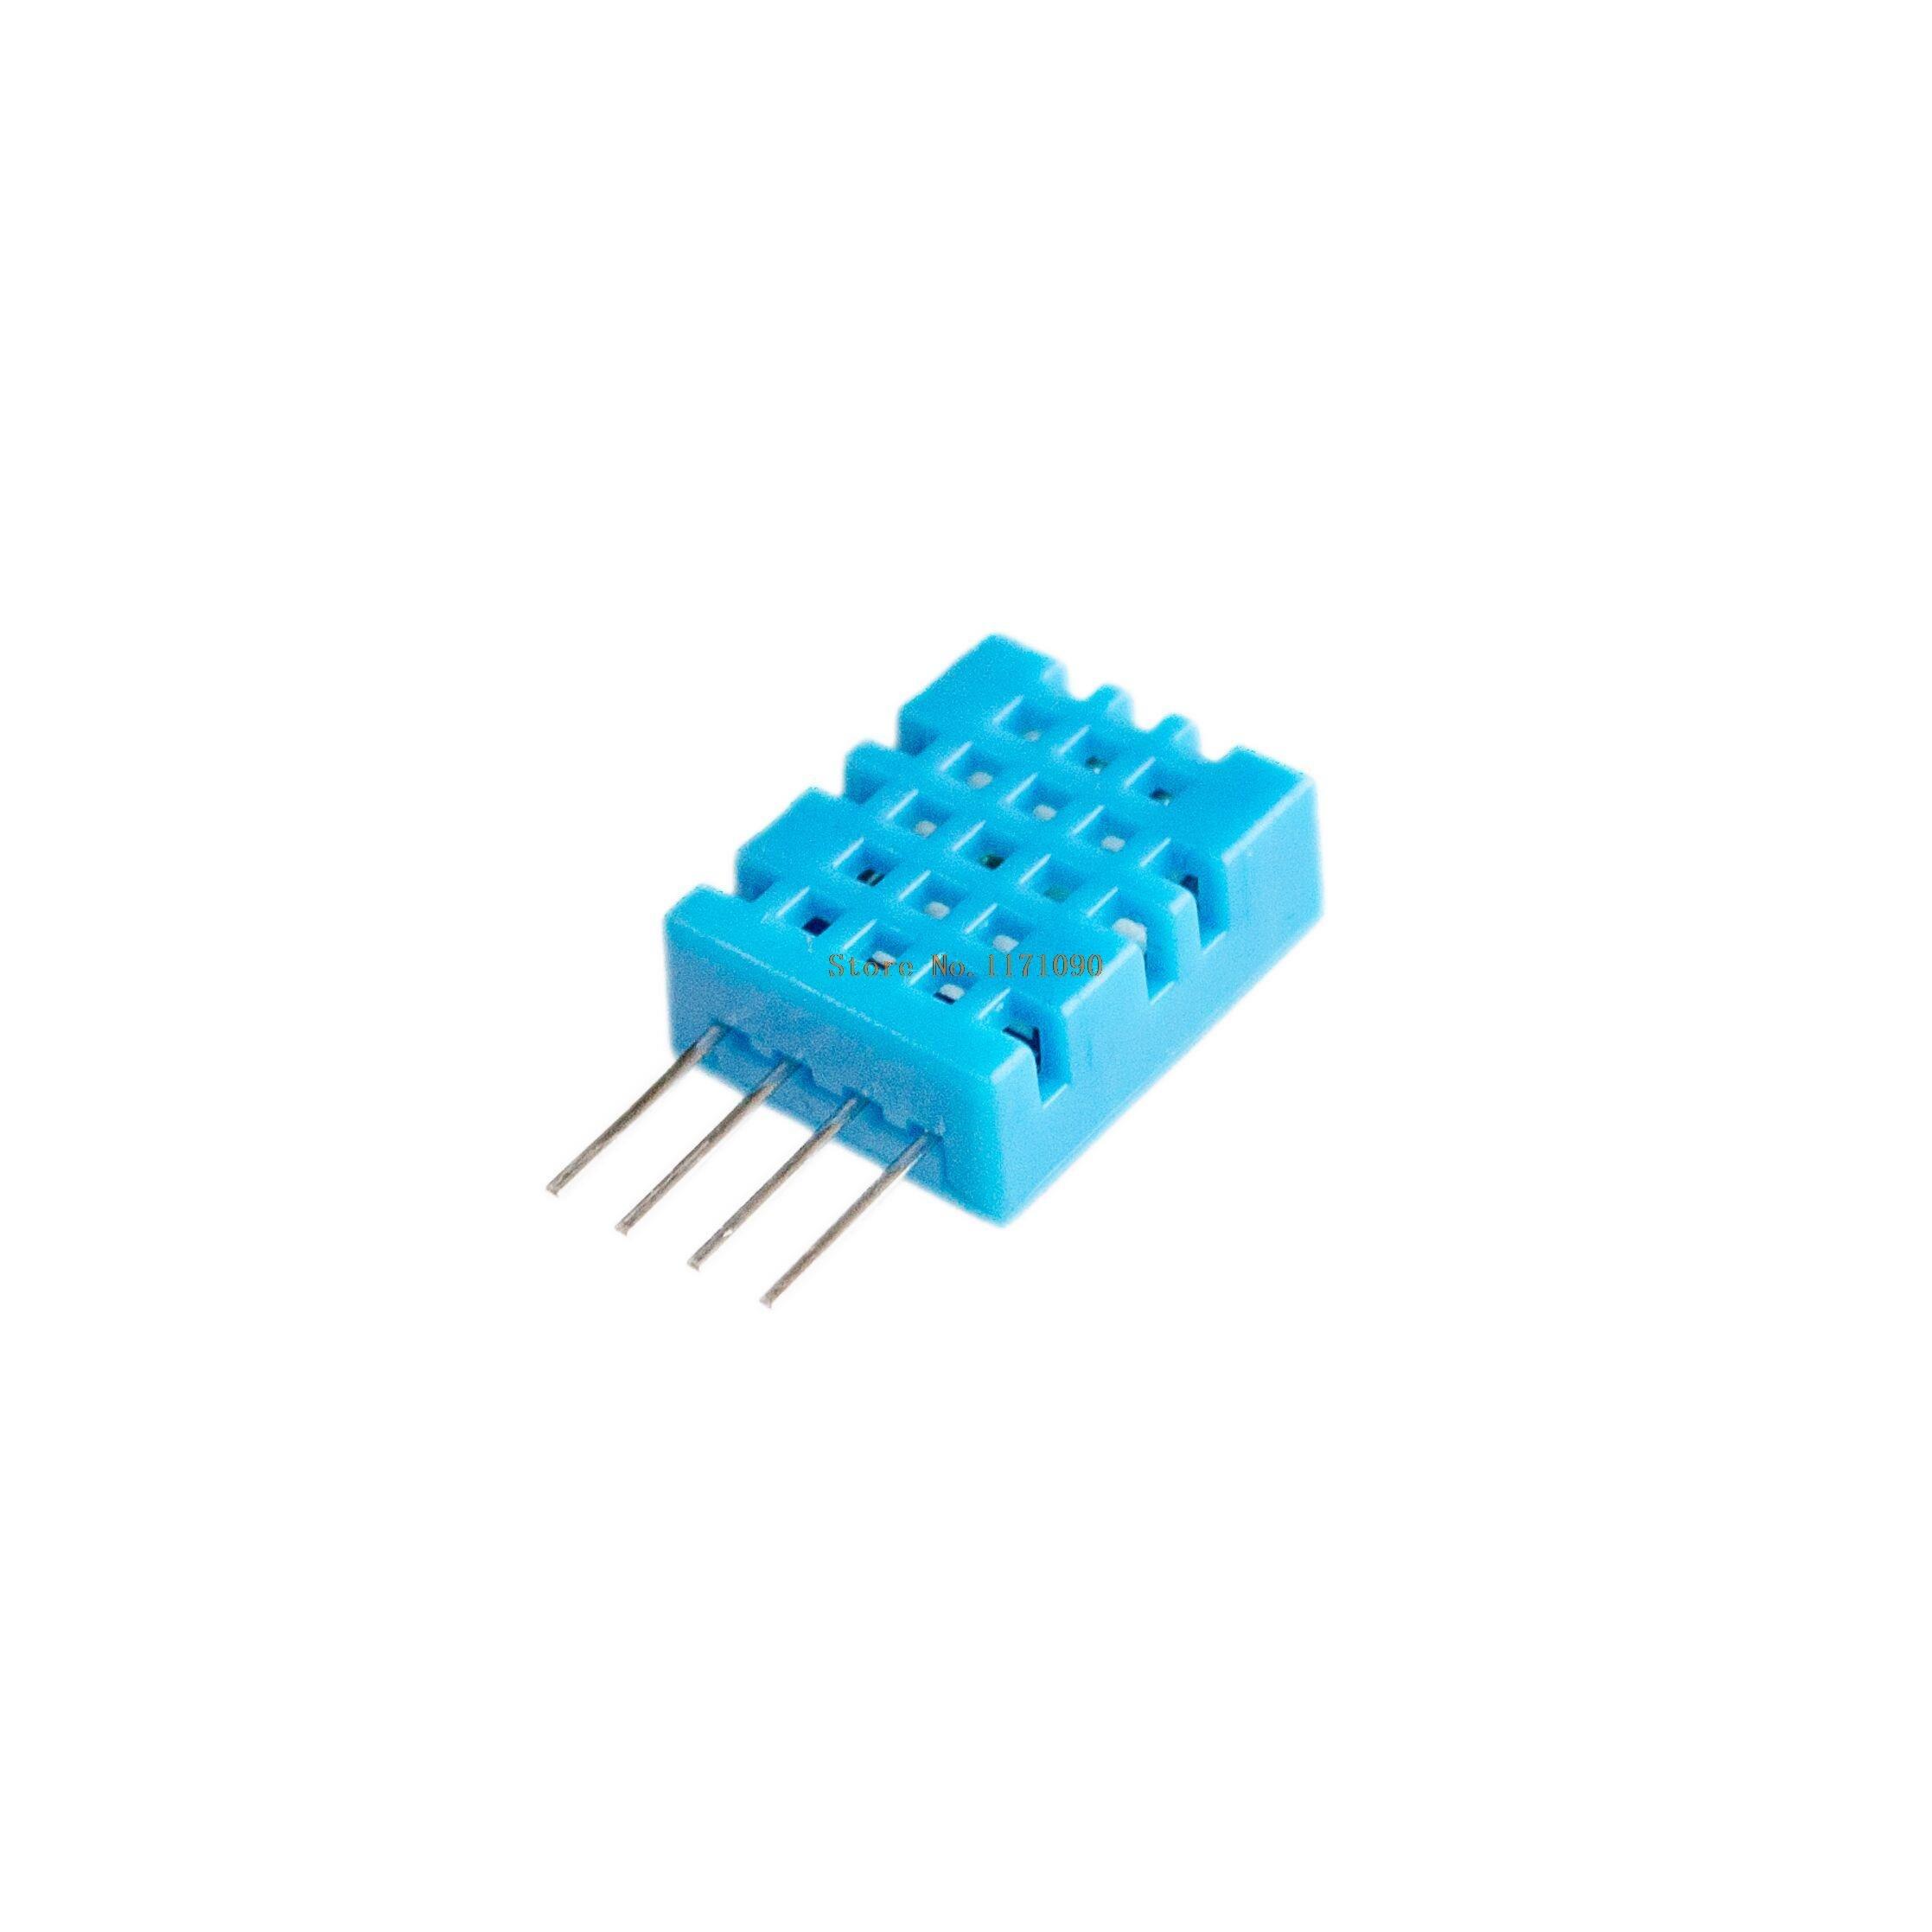 SuperiParts 50PCS DHT11 Digital Temperature and Humidity Sensor